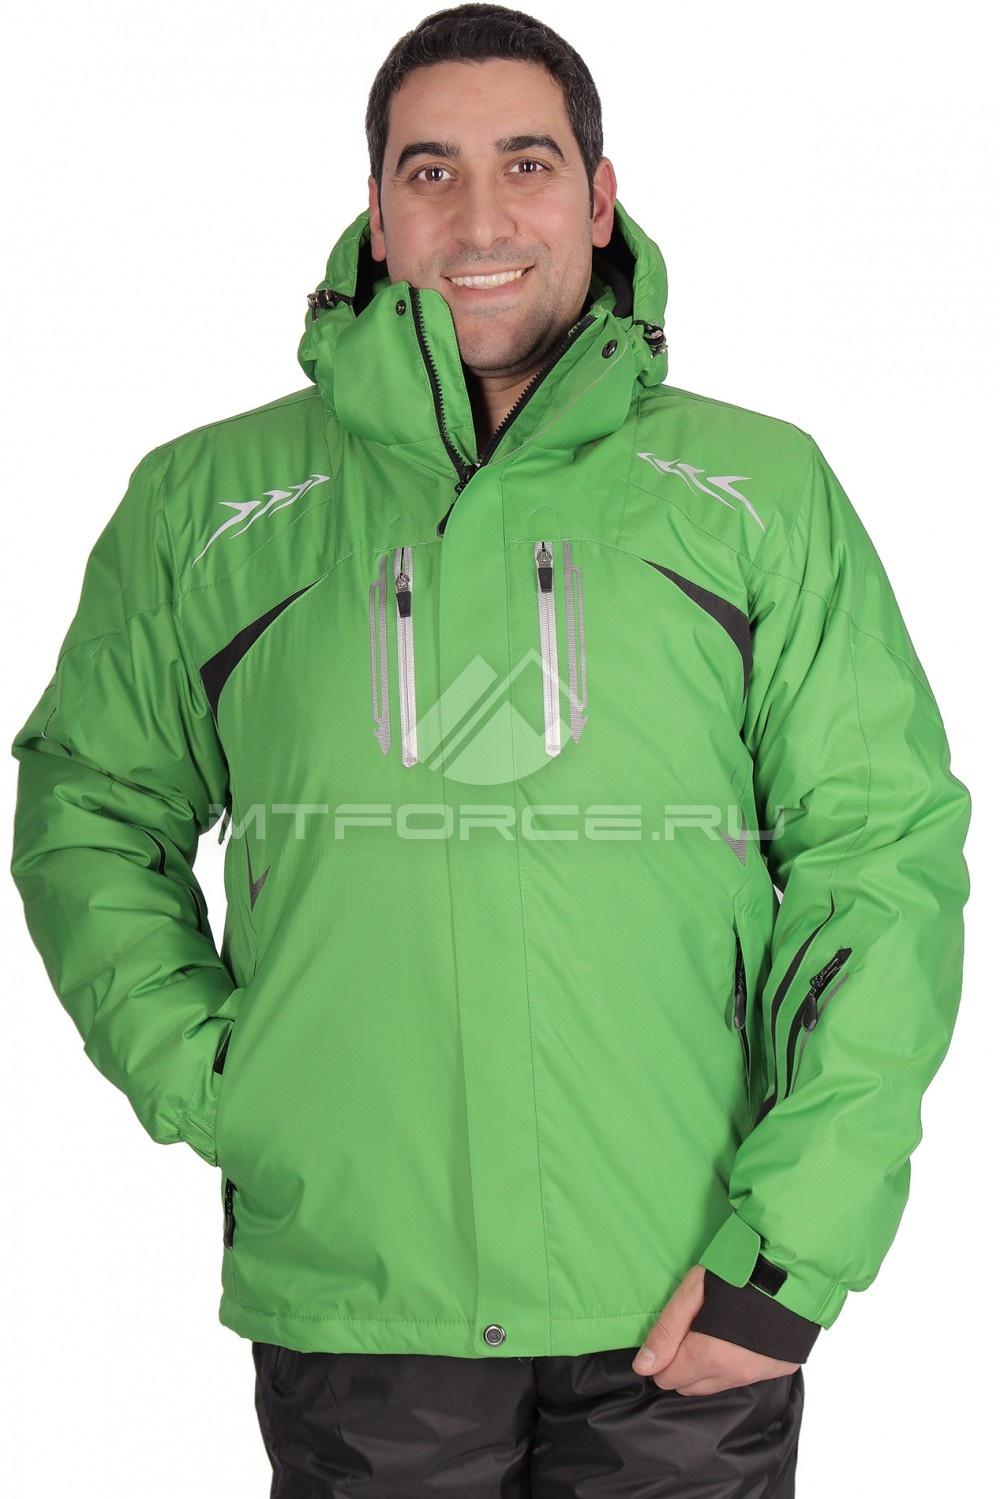 Купить                                  оптом Куртка горнолыжная мужская зеленого цвета 1515Z в Новосибирске